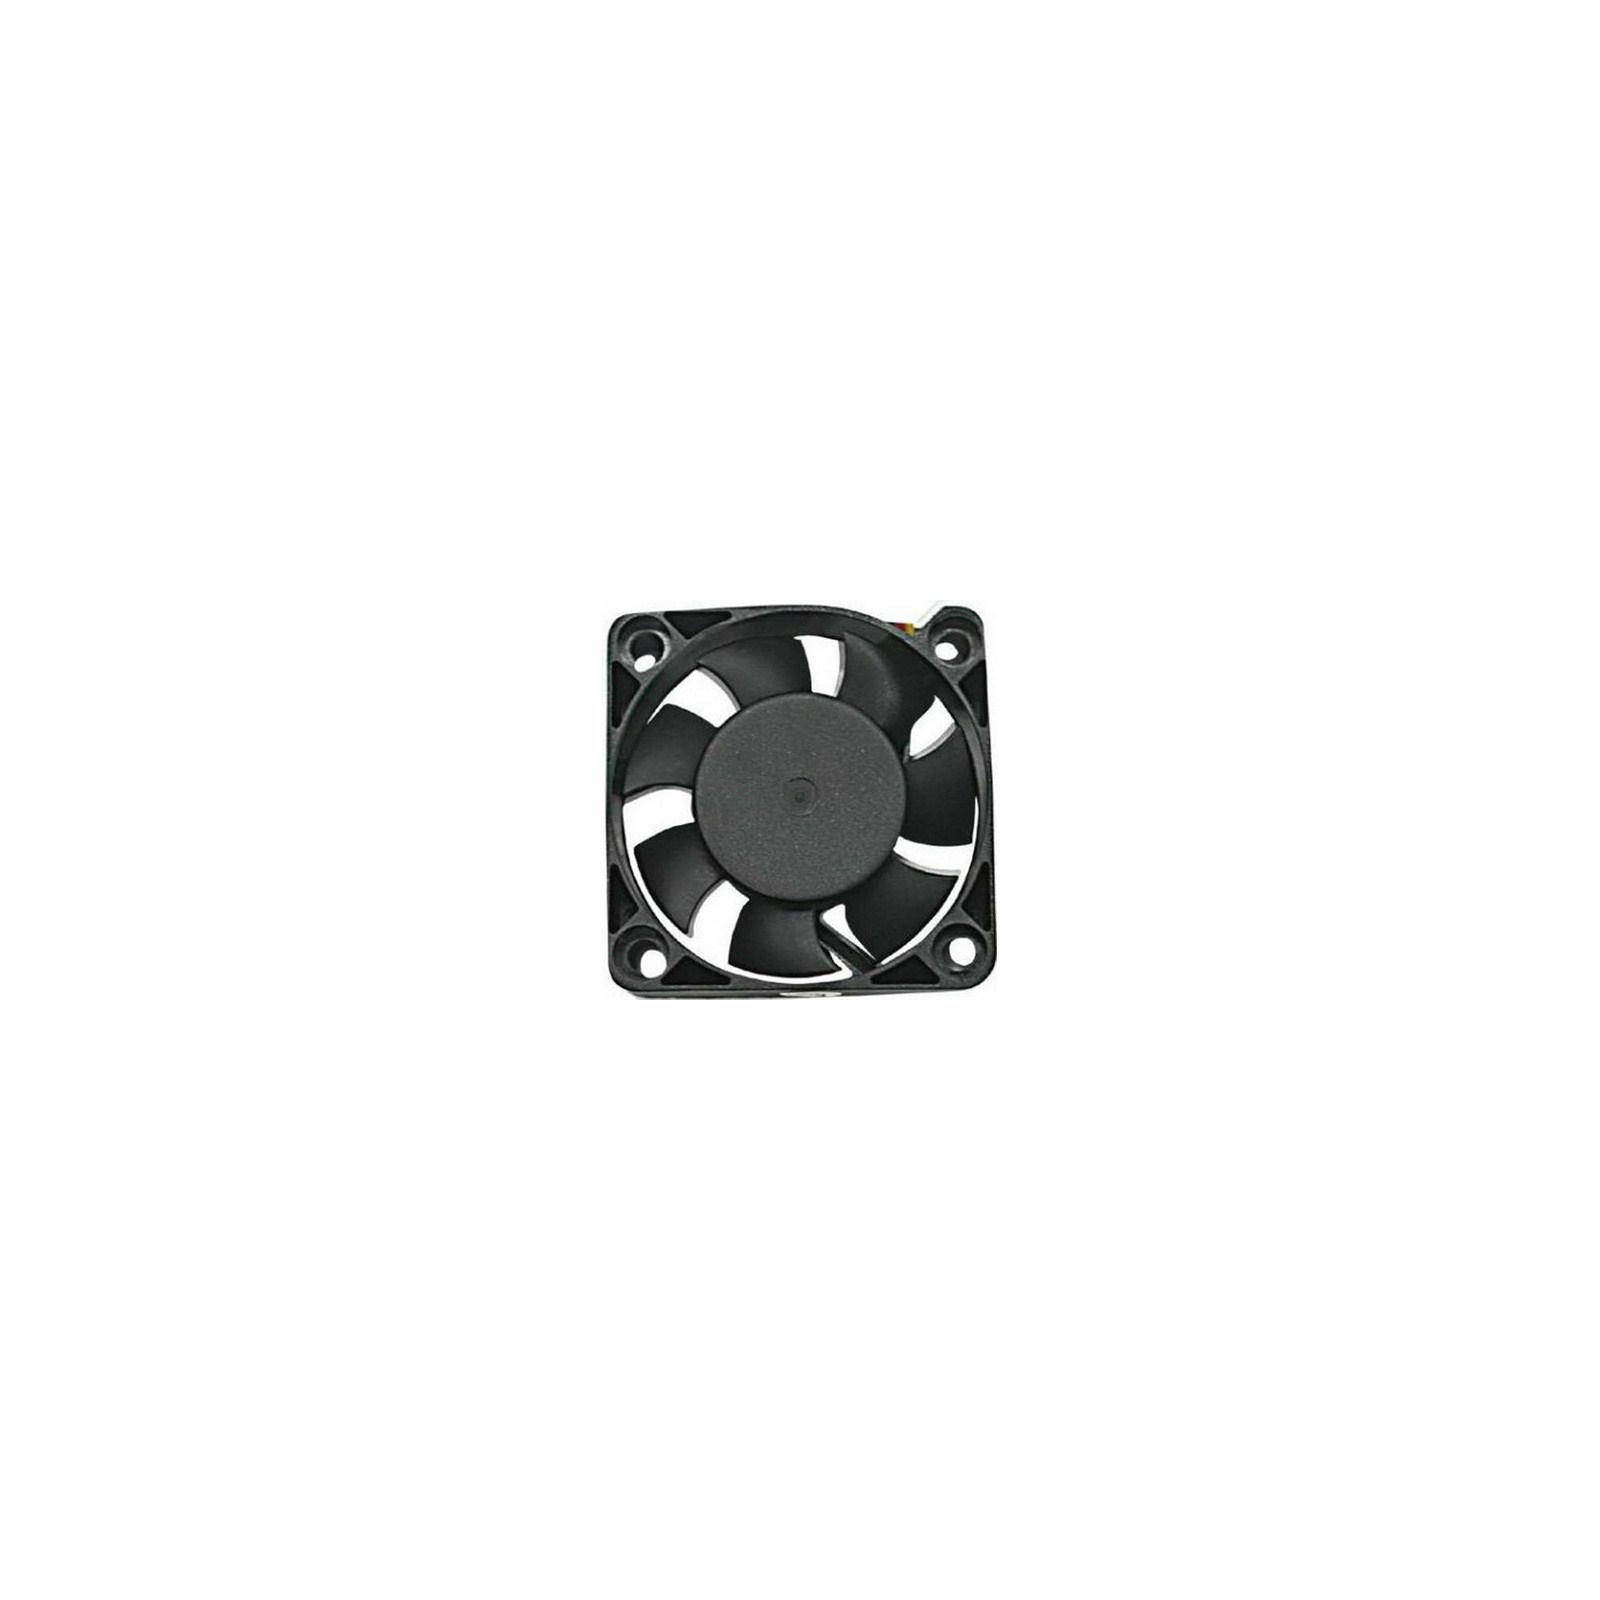 Кулер для корпуса TFD-5010 M 12 Z TITAN